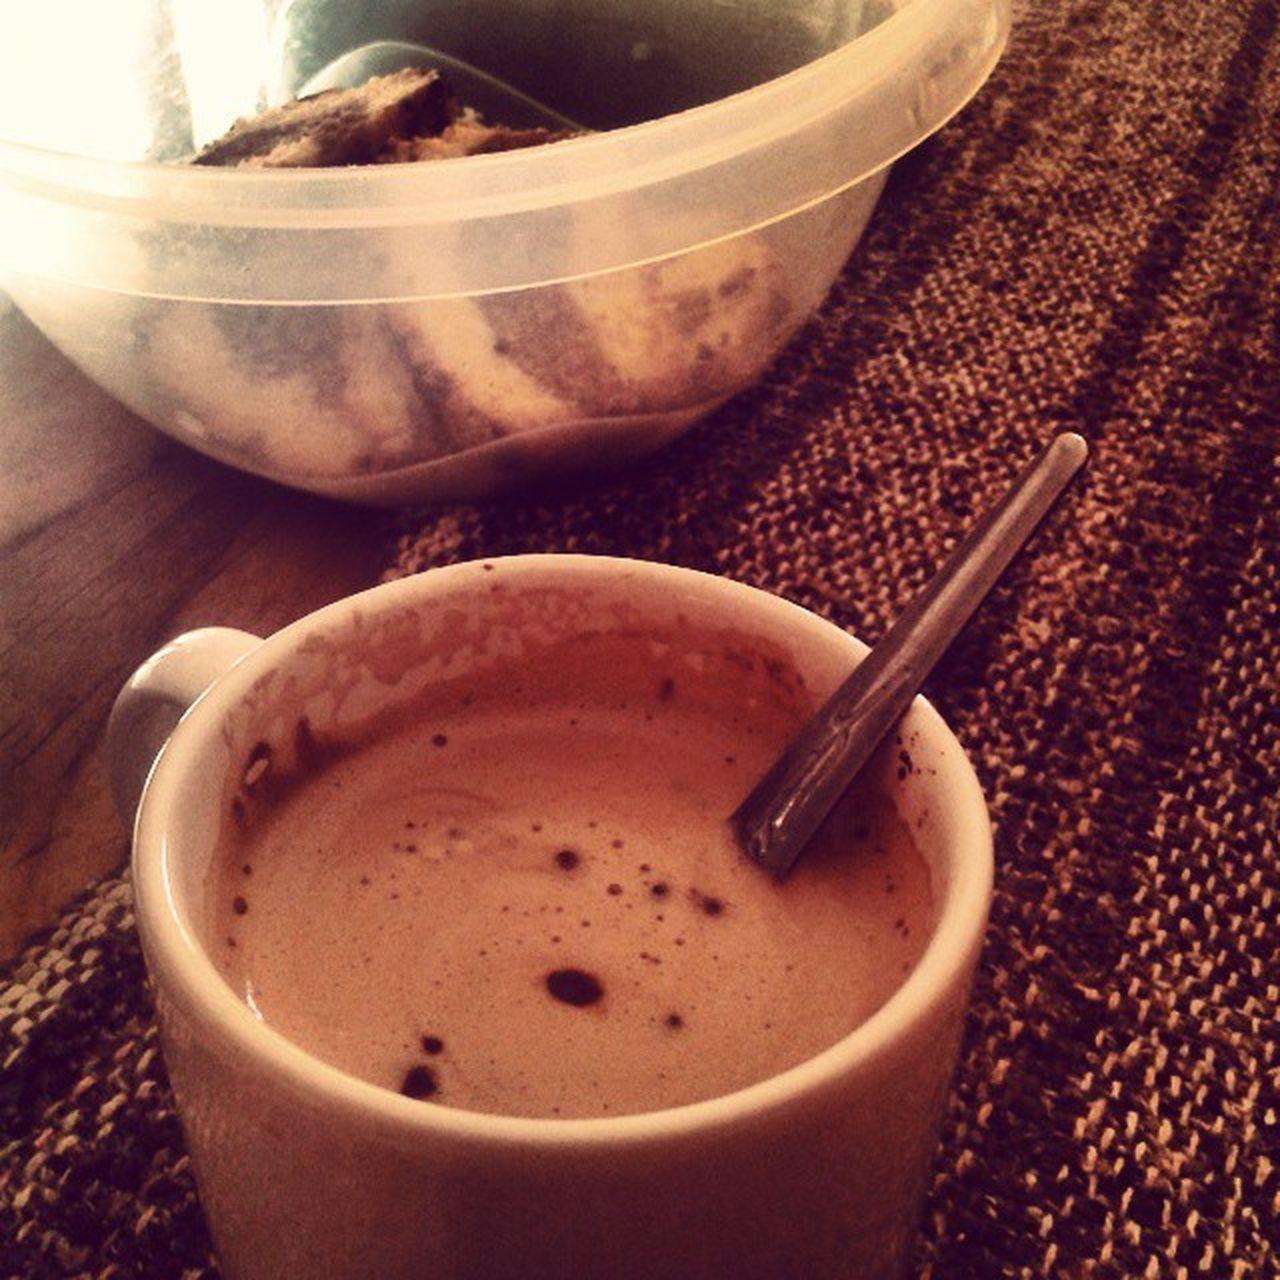 Desayuno y a la Unlu que hoy nos espera un día laaargo y cansador Buenmartes